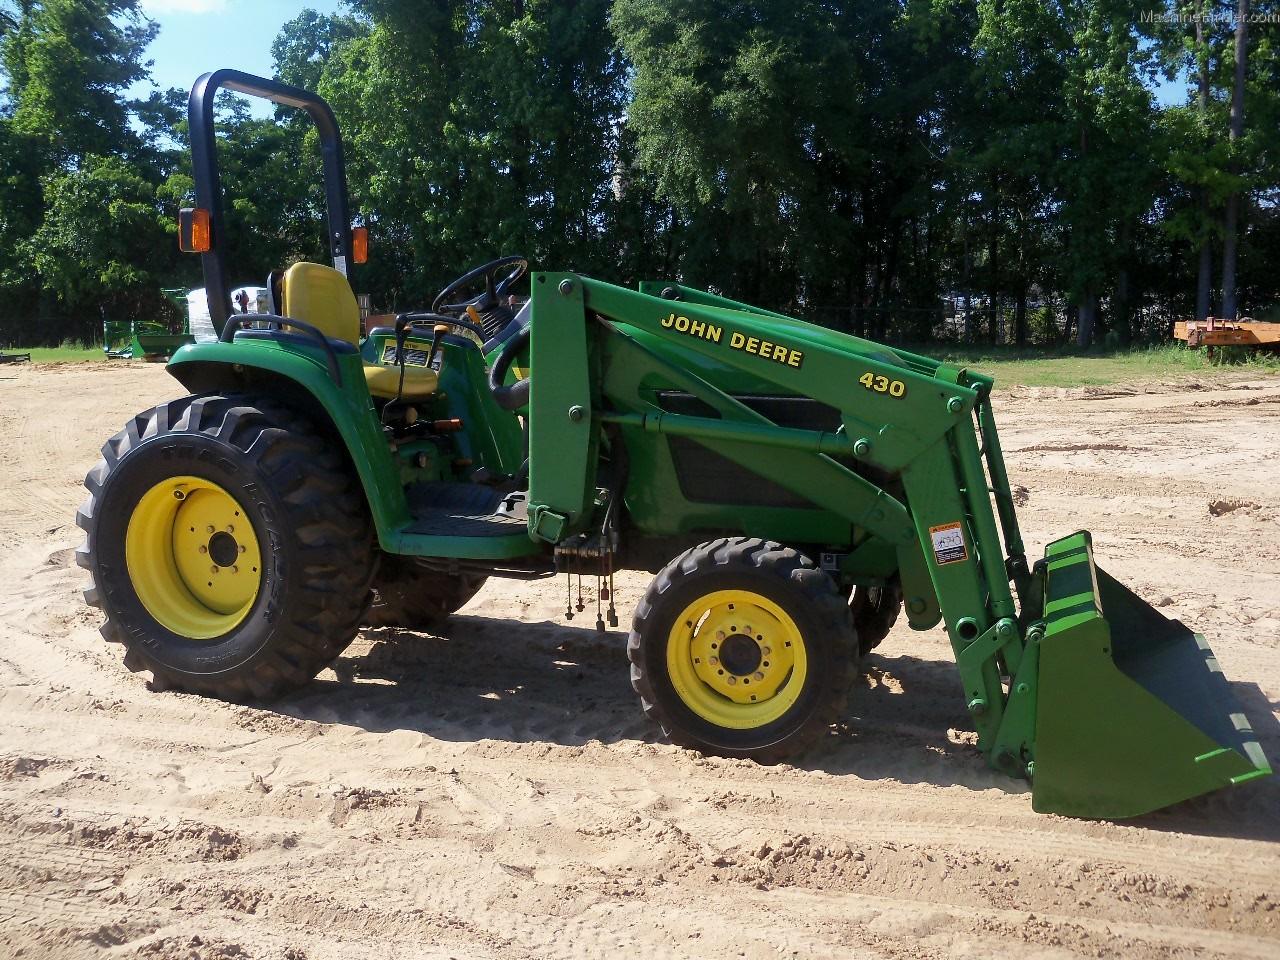 John Deere 4400 Tractors - Compact (1-40hp.) - John Deere ...